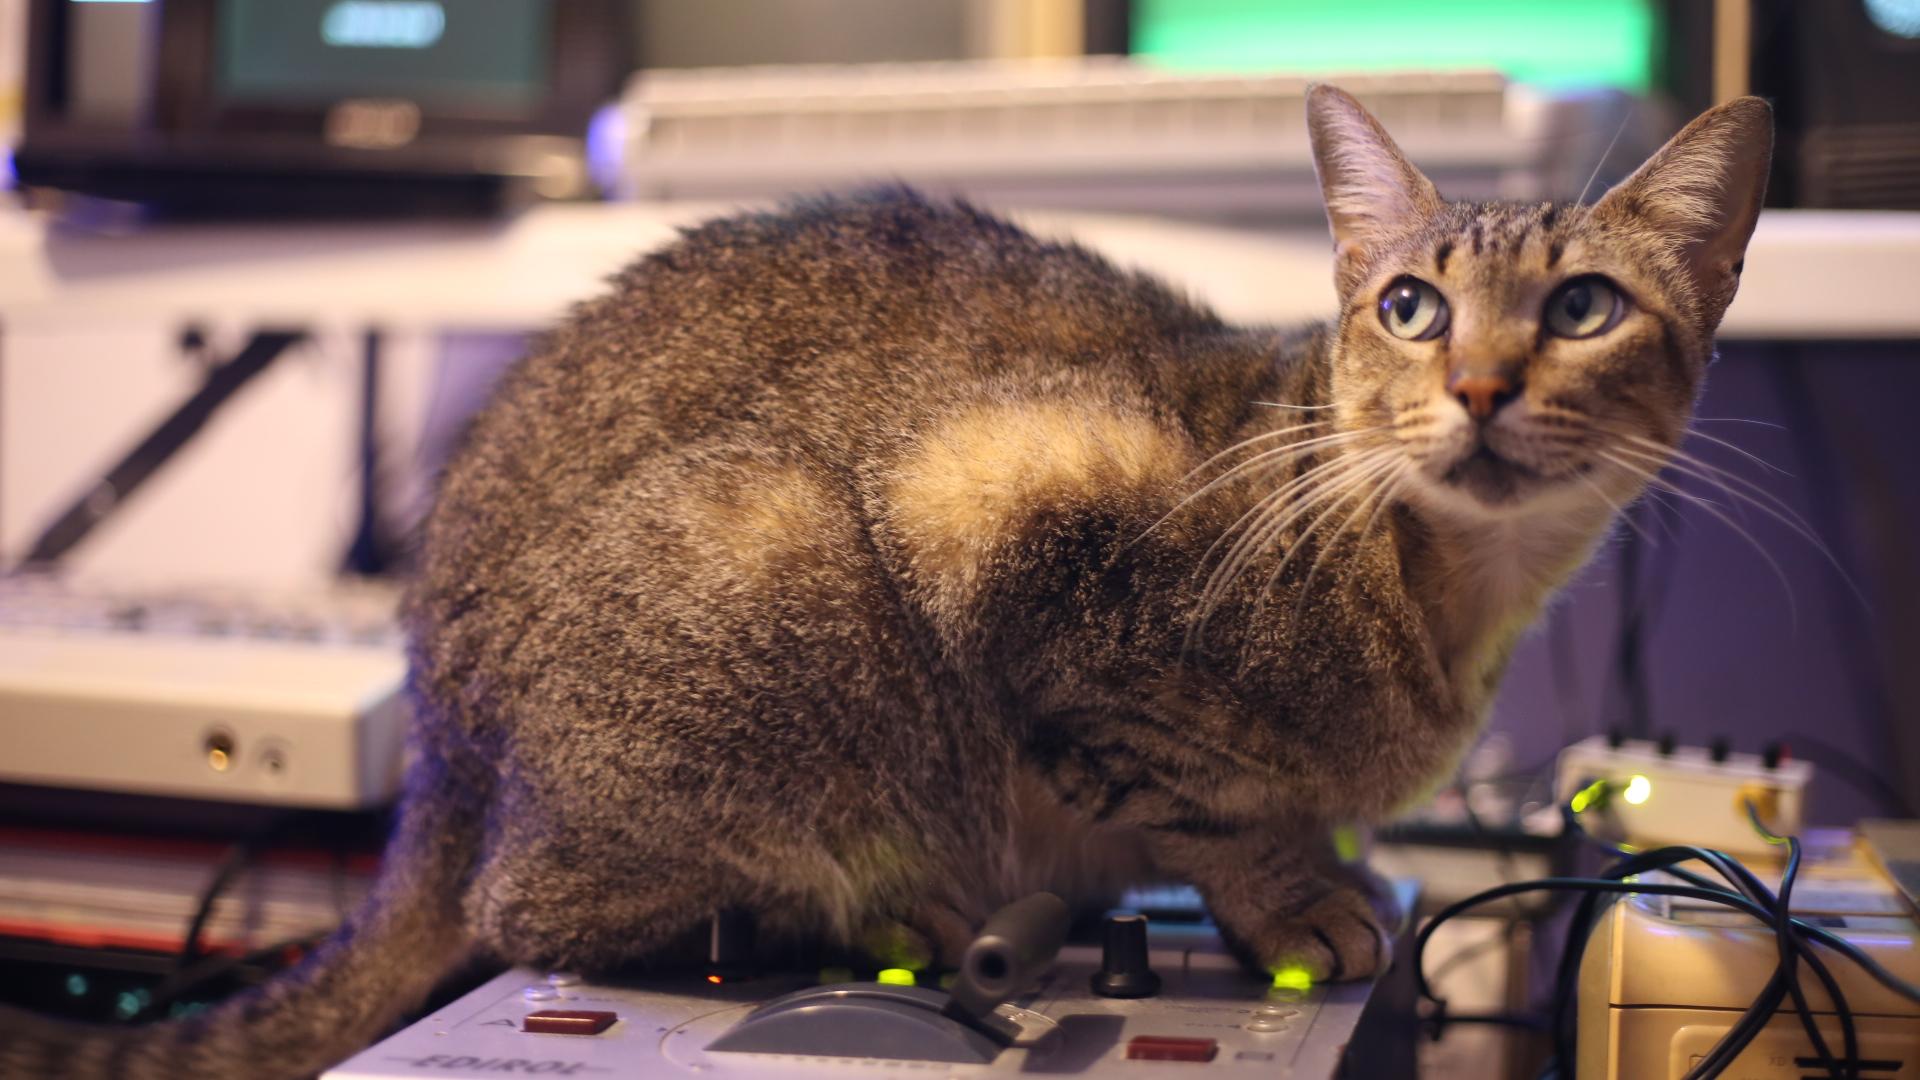 O gato Benjamin tem sua ilustre participação no live do Supernatural. Ele contribui com mais camadas de respostas de frequências nos televisores e sons.